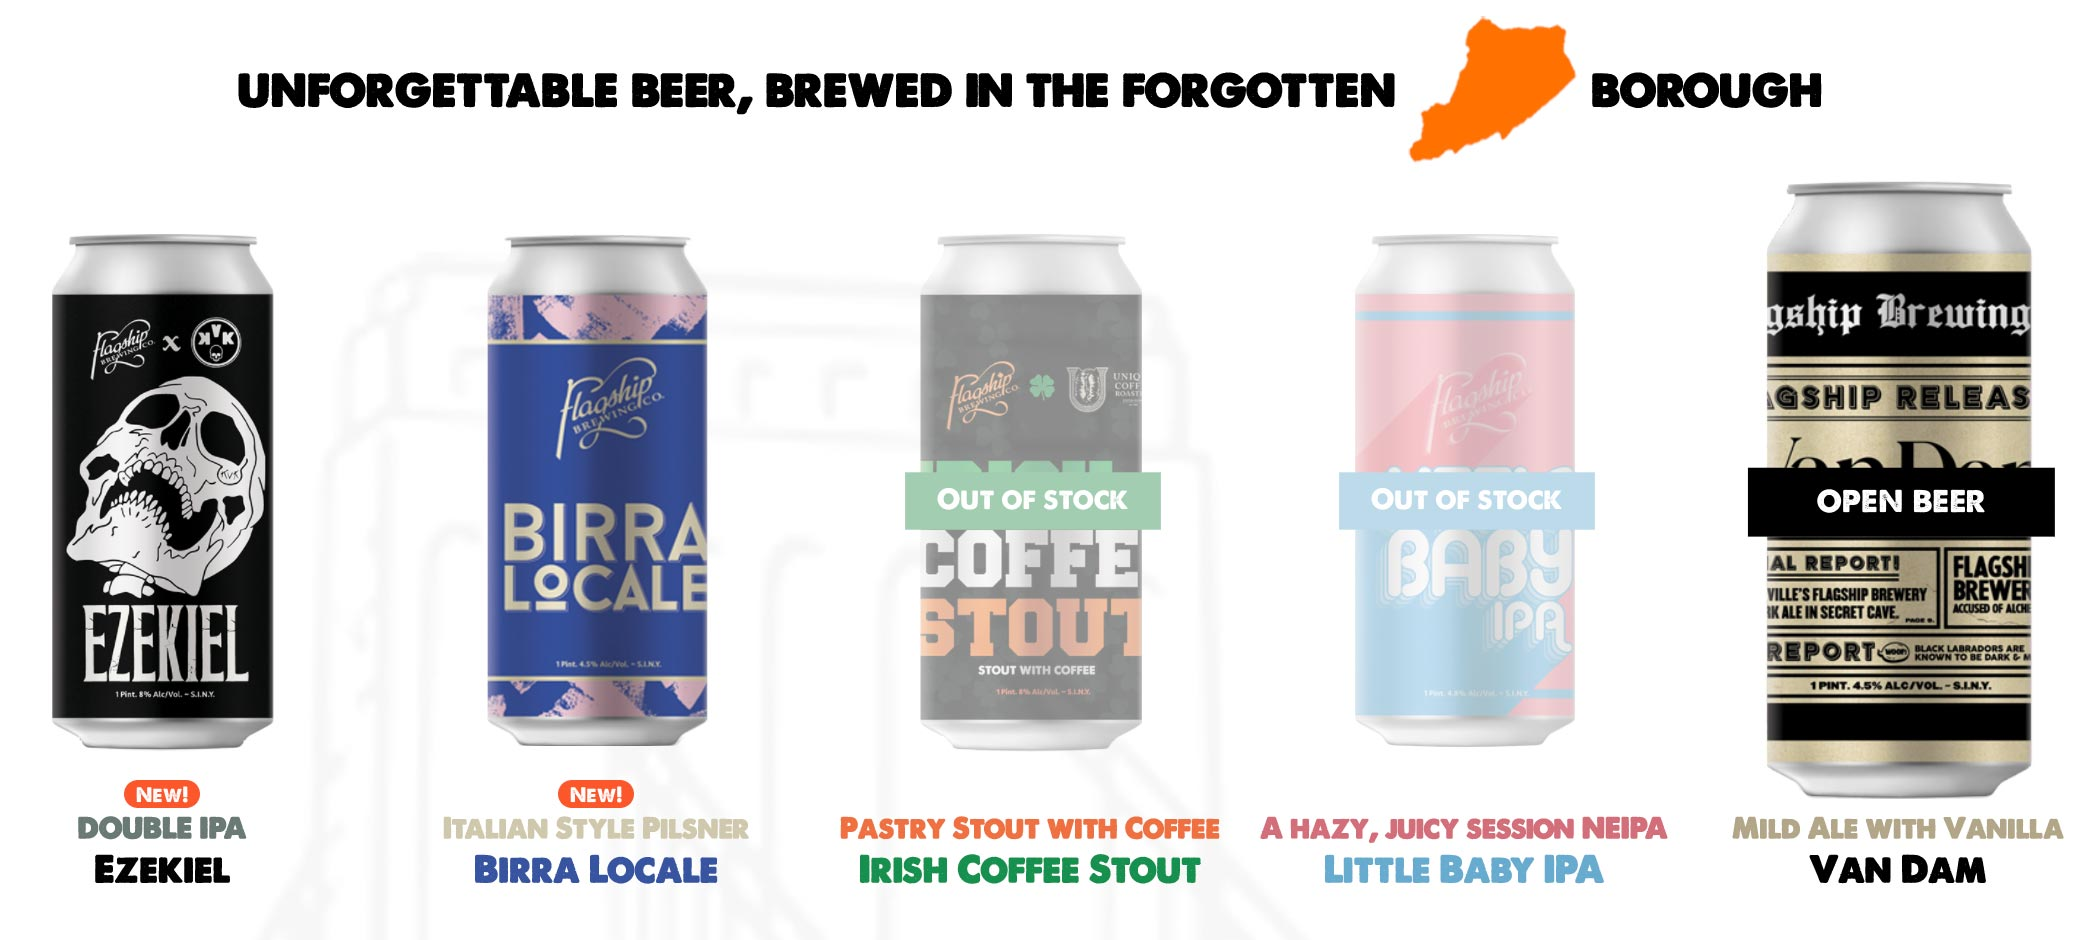 Visitar Staten Island - La cervecería Flagship Brewing Co